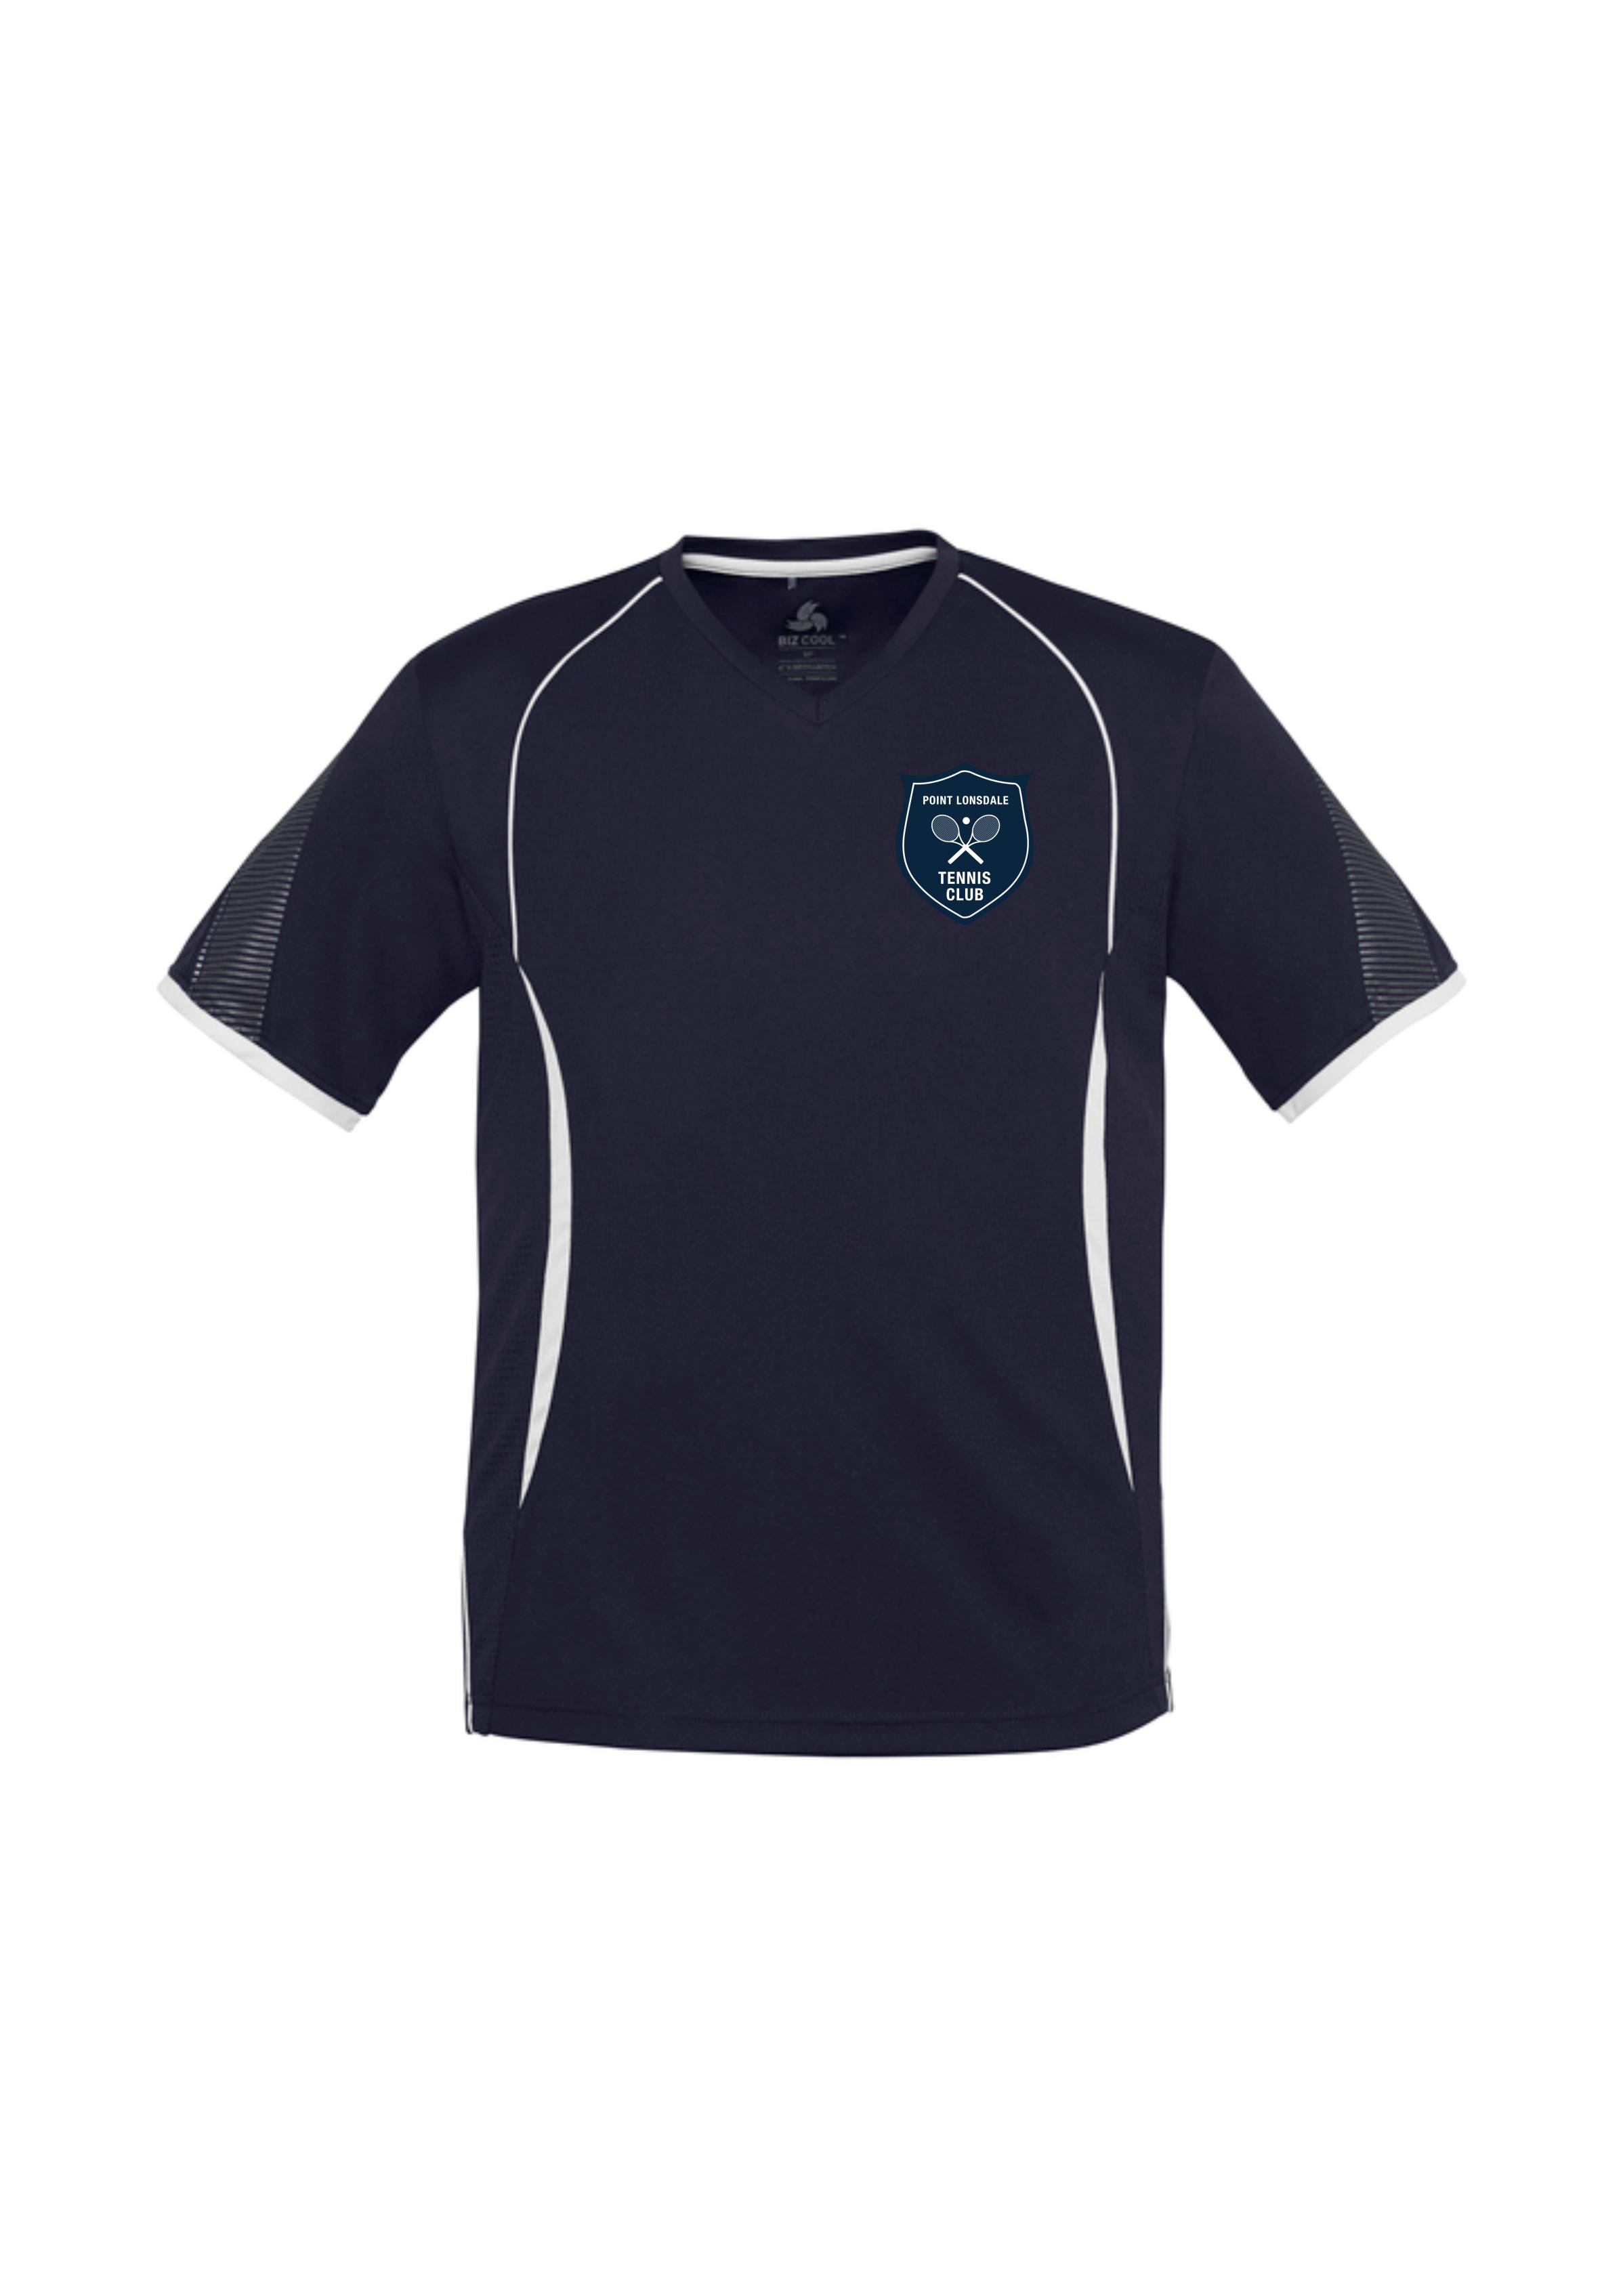 Kids Razor Tee Shirt in Navy/White